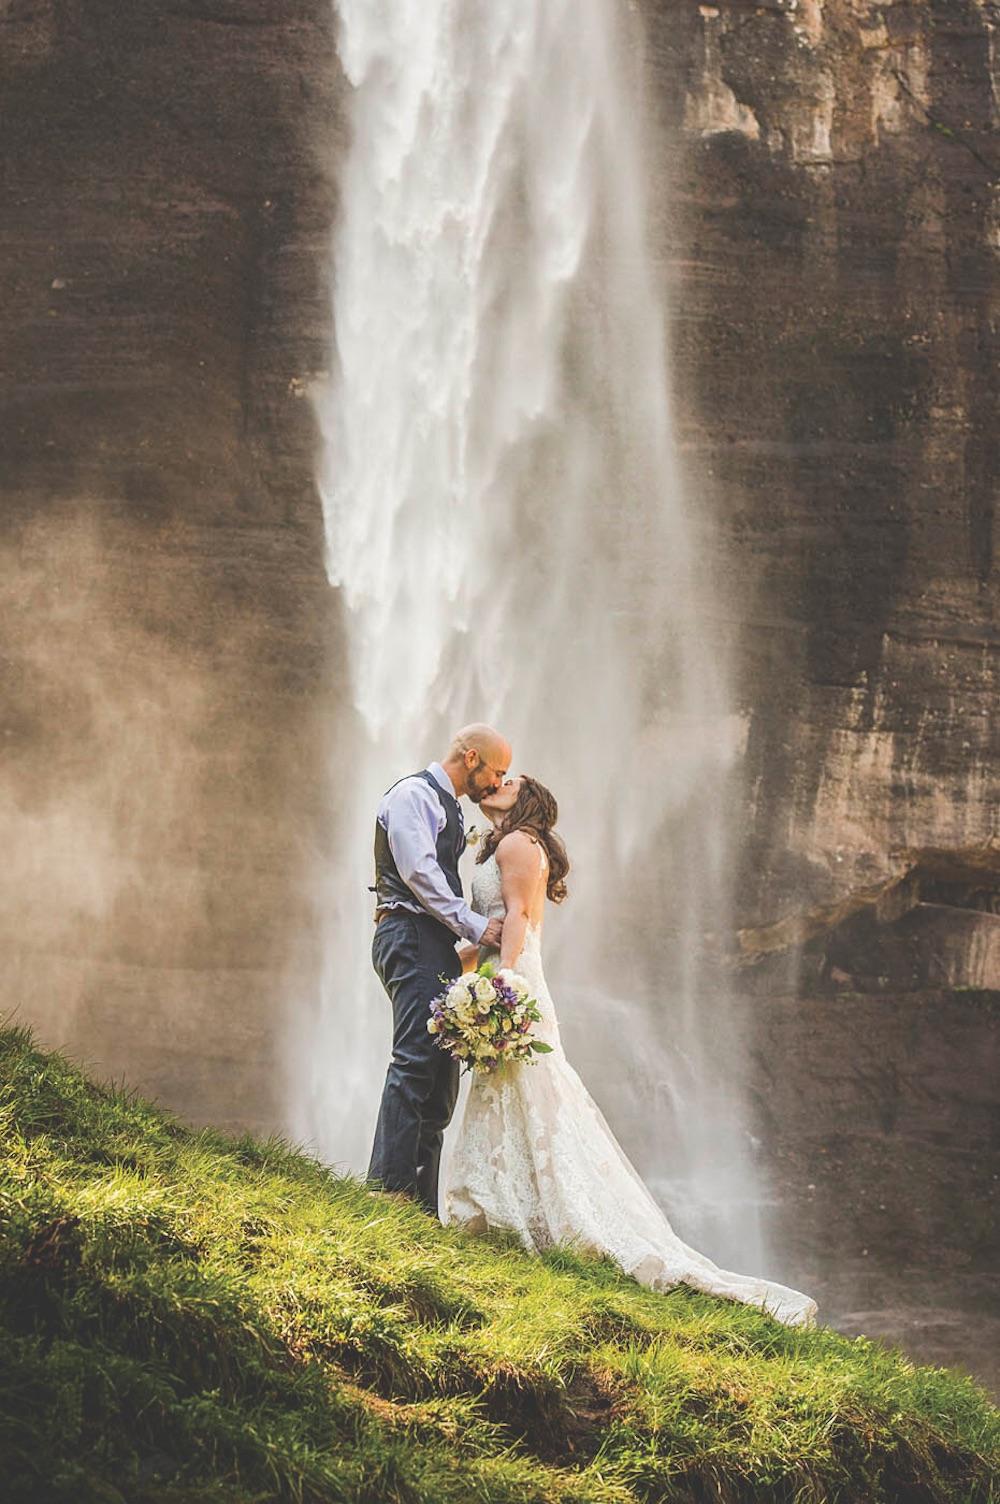 photo credit elope telluride, waterfall in telluride